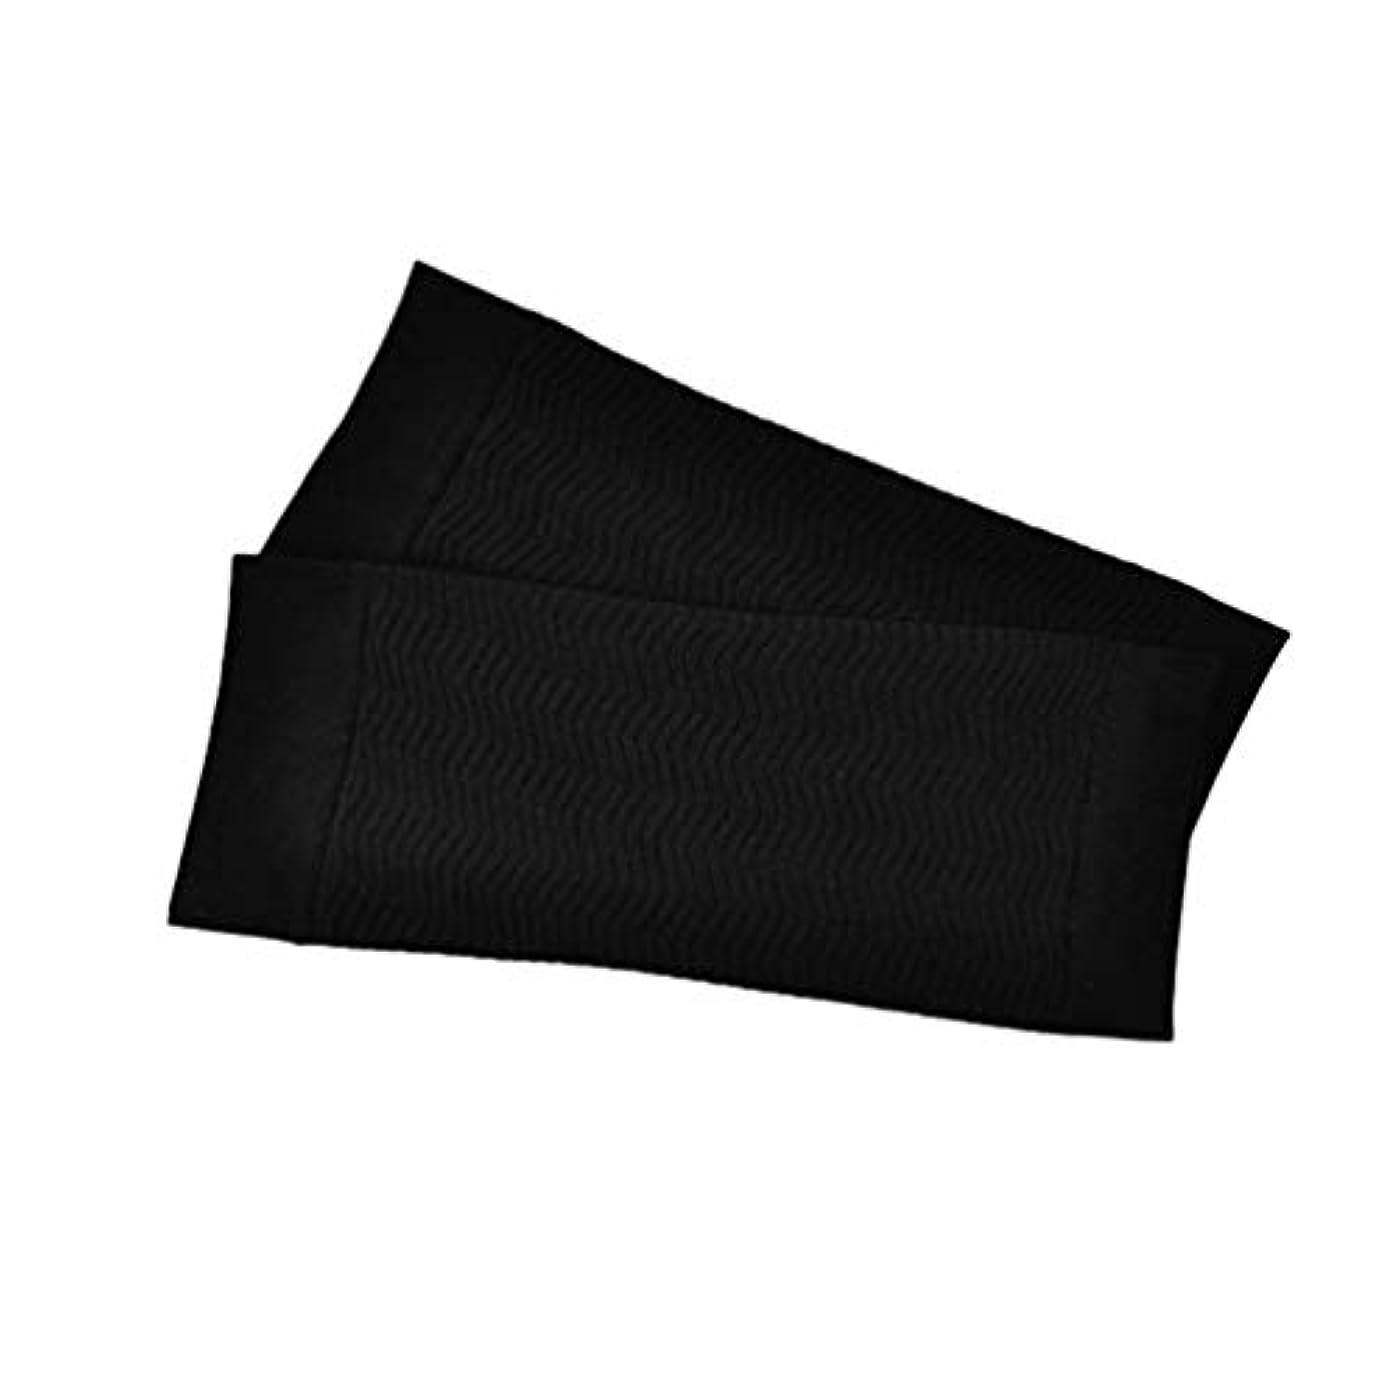 記事気になる悪質な1ペア680 D圧縮アームシェイパーワークアウトトーニングバーンセルライトスリミングアームスリーブ脂肪燃焼半袖用女性 - ブラック